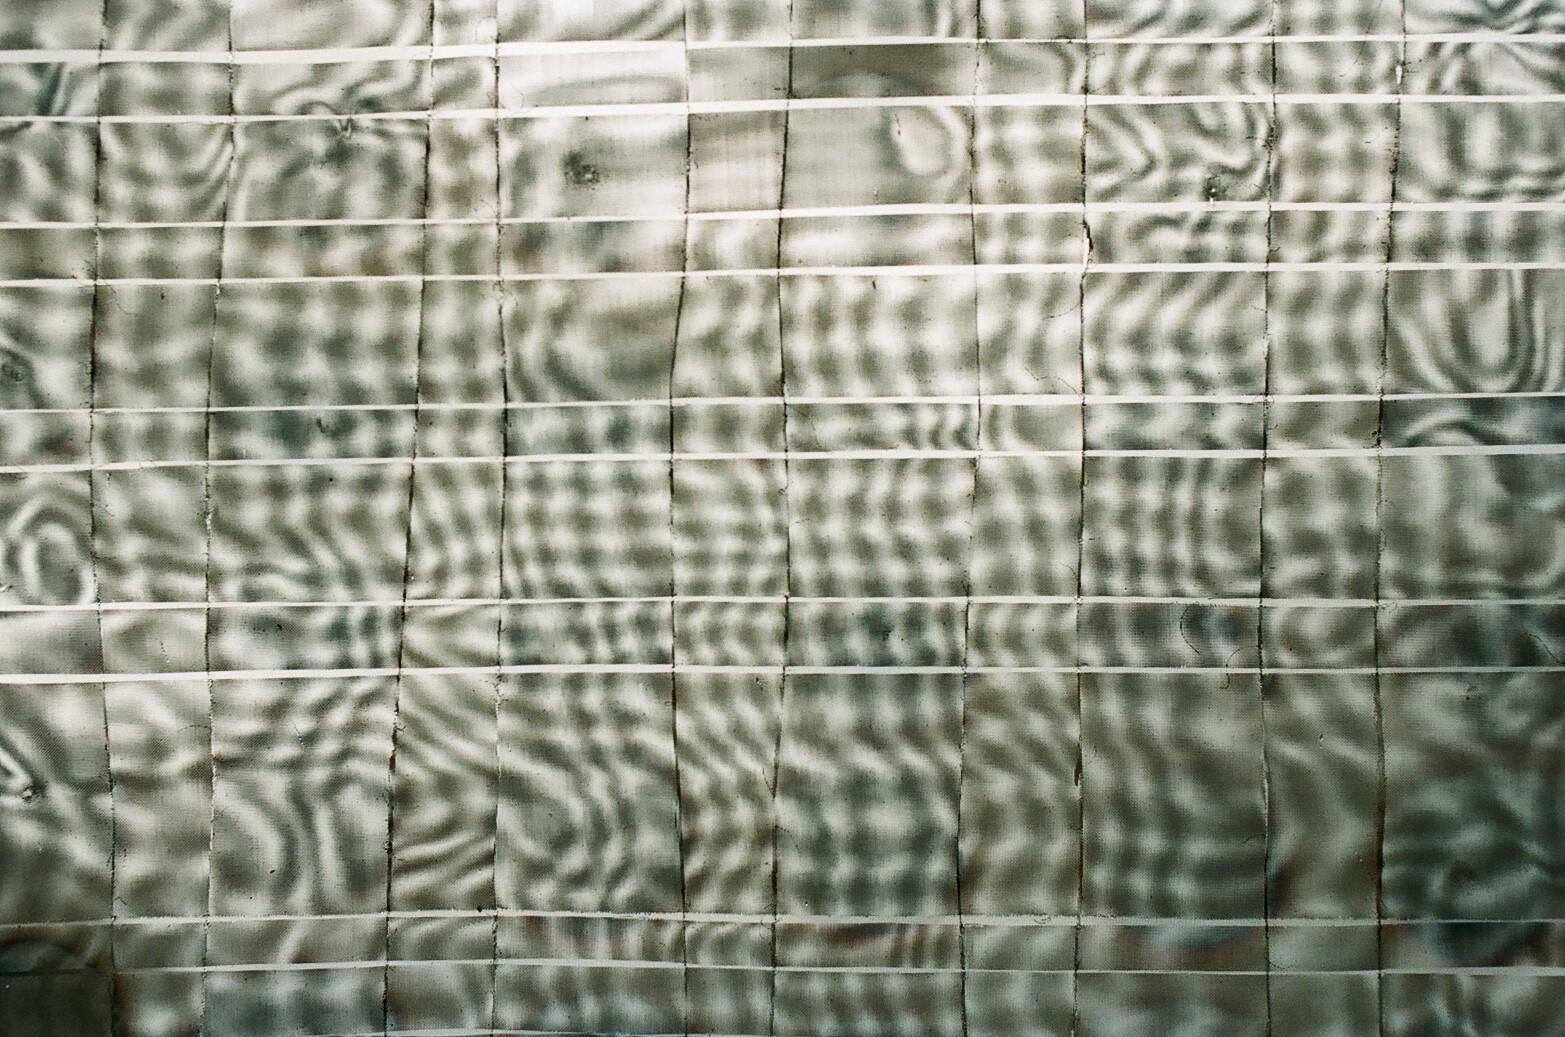 Ground at Kanbetsu ART Joint Exhibition in 1999